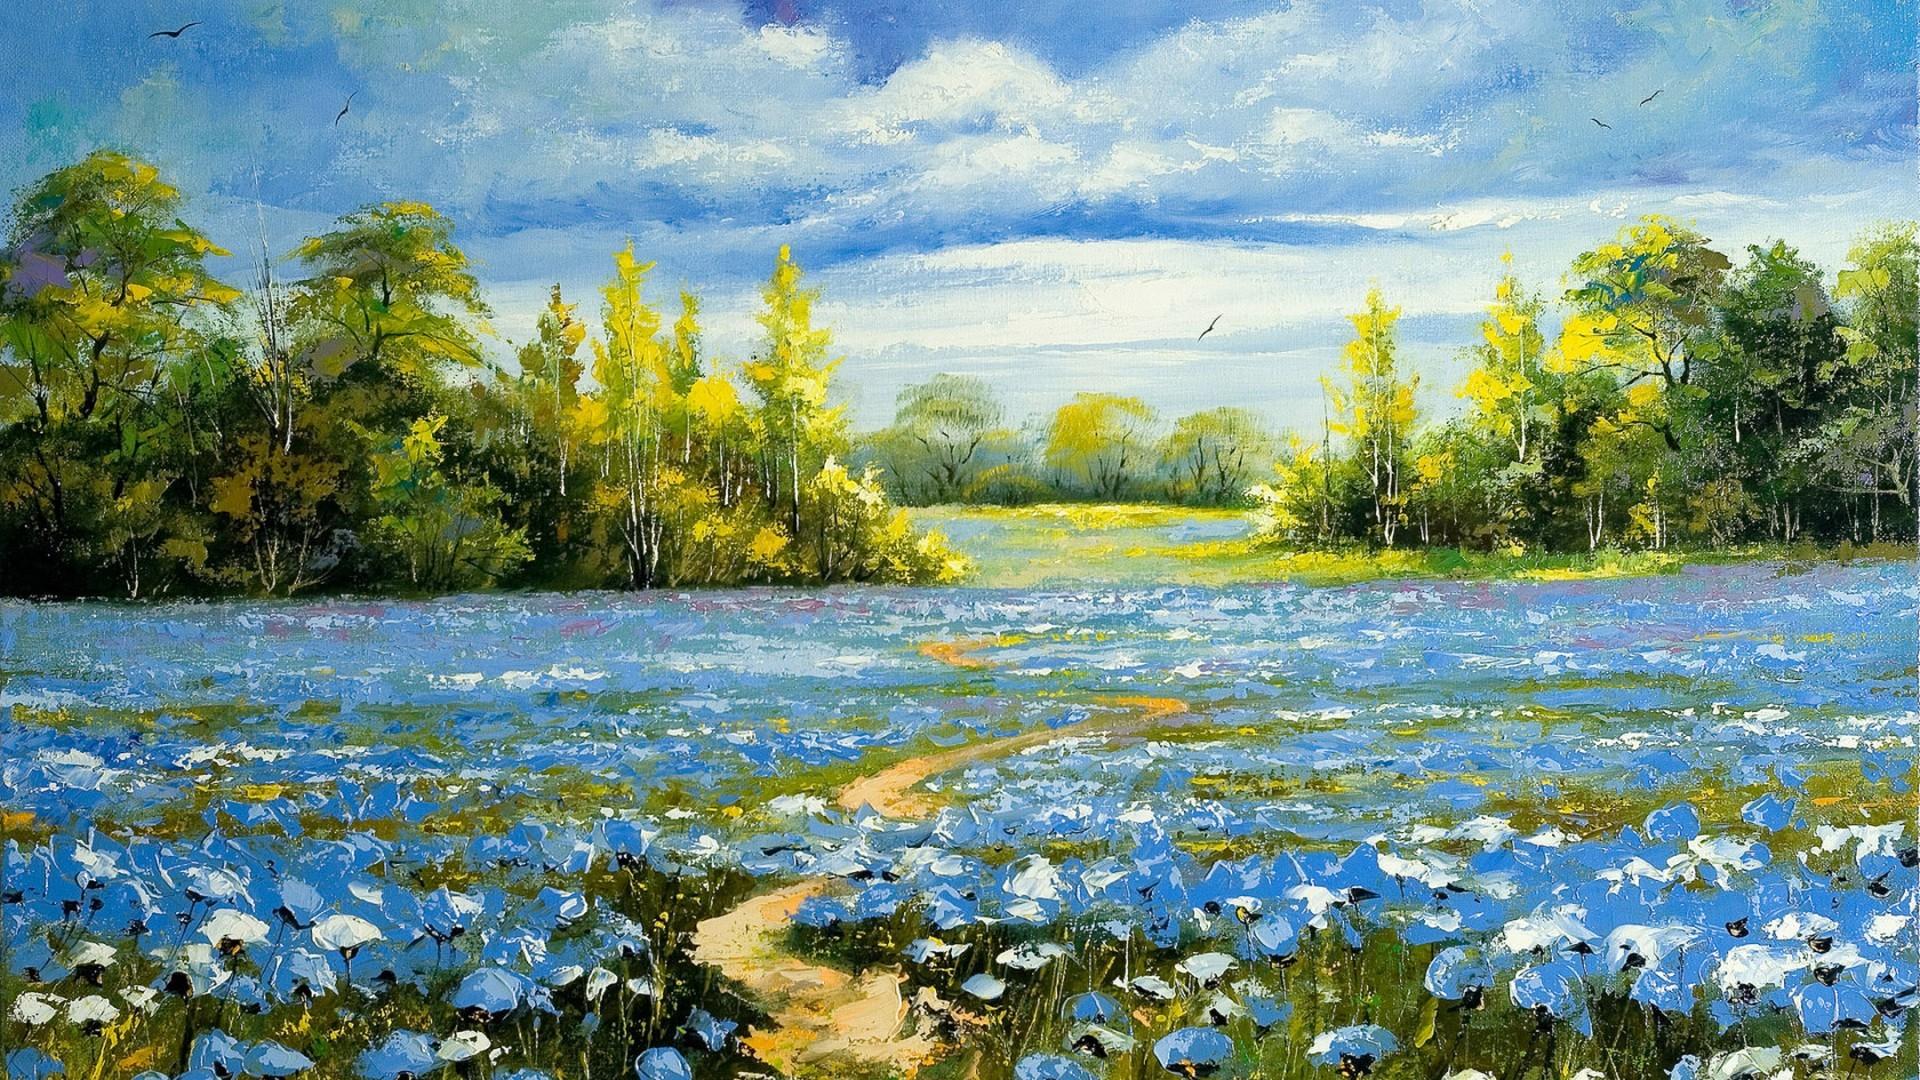 26797 скачать обои Пейзаж, Цветы, Деревья, Поля, Рисунки - заставки и картинки бесплатно